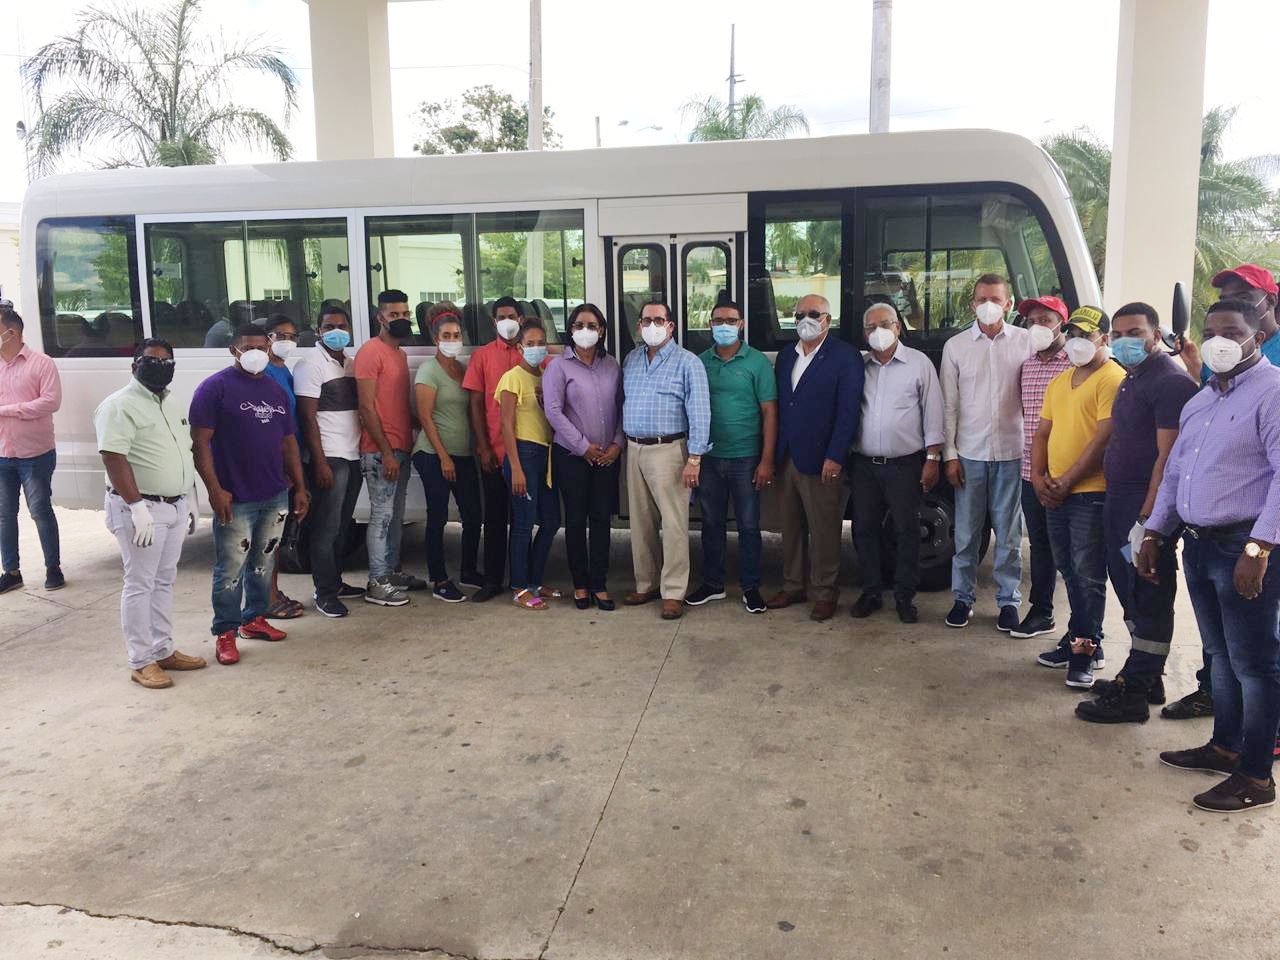 El autobus tuvo un costo que sobrepasa los cuatro millones de pesos.